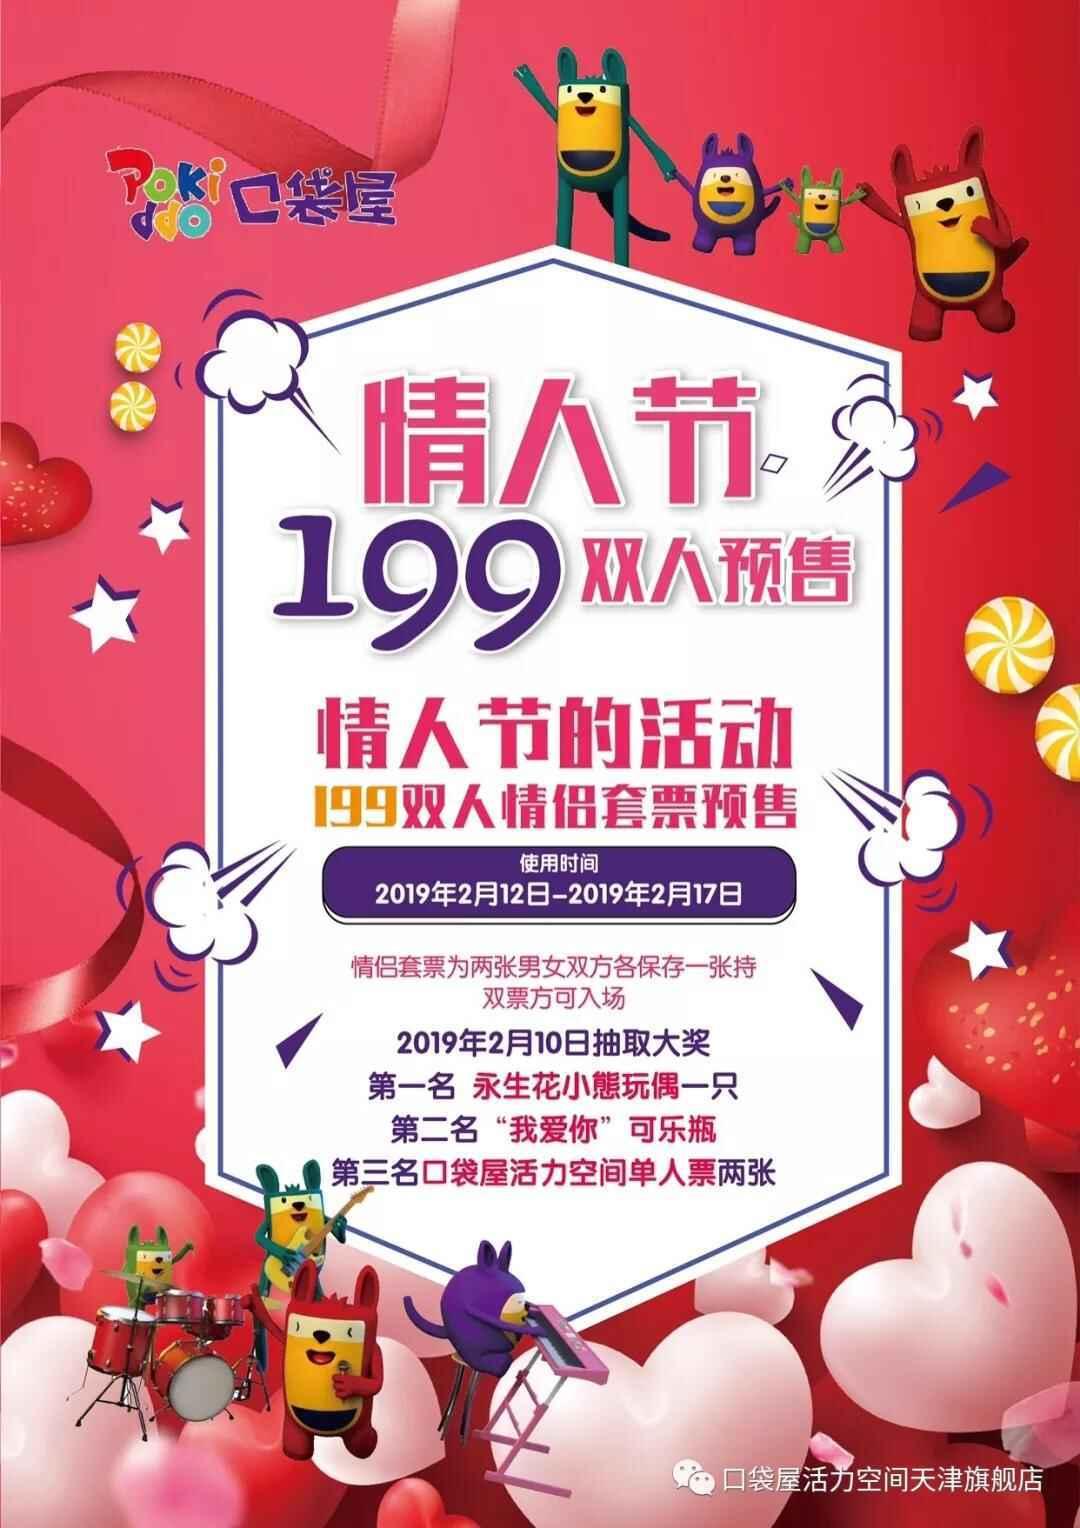 蹦床馆情人节活动海报